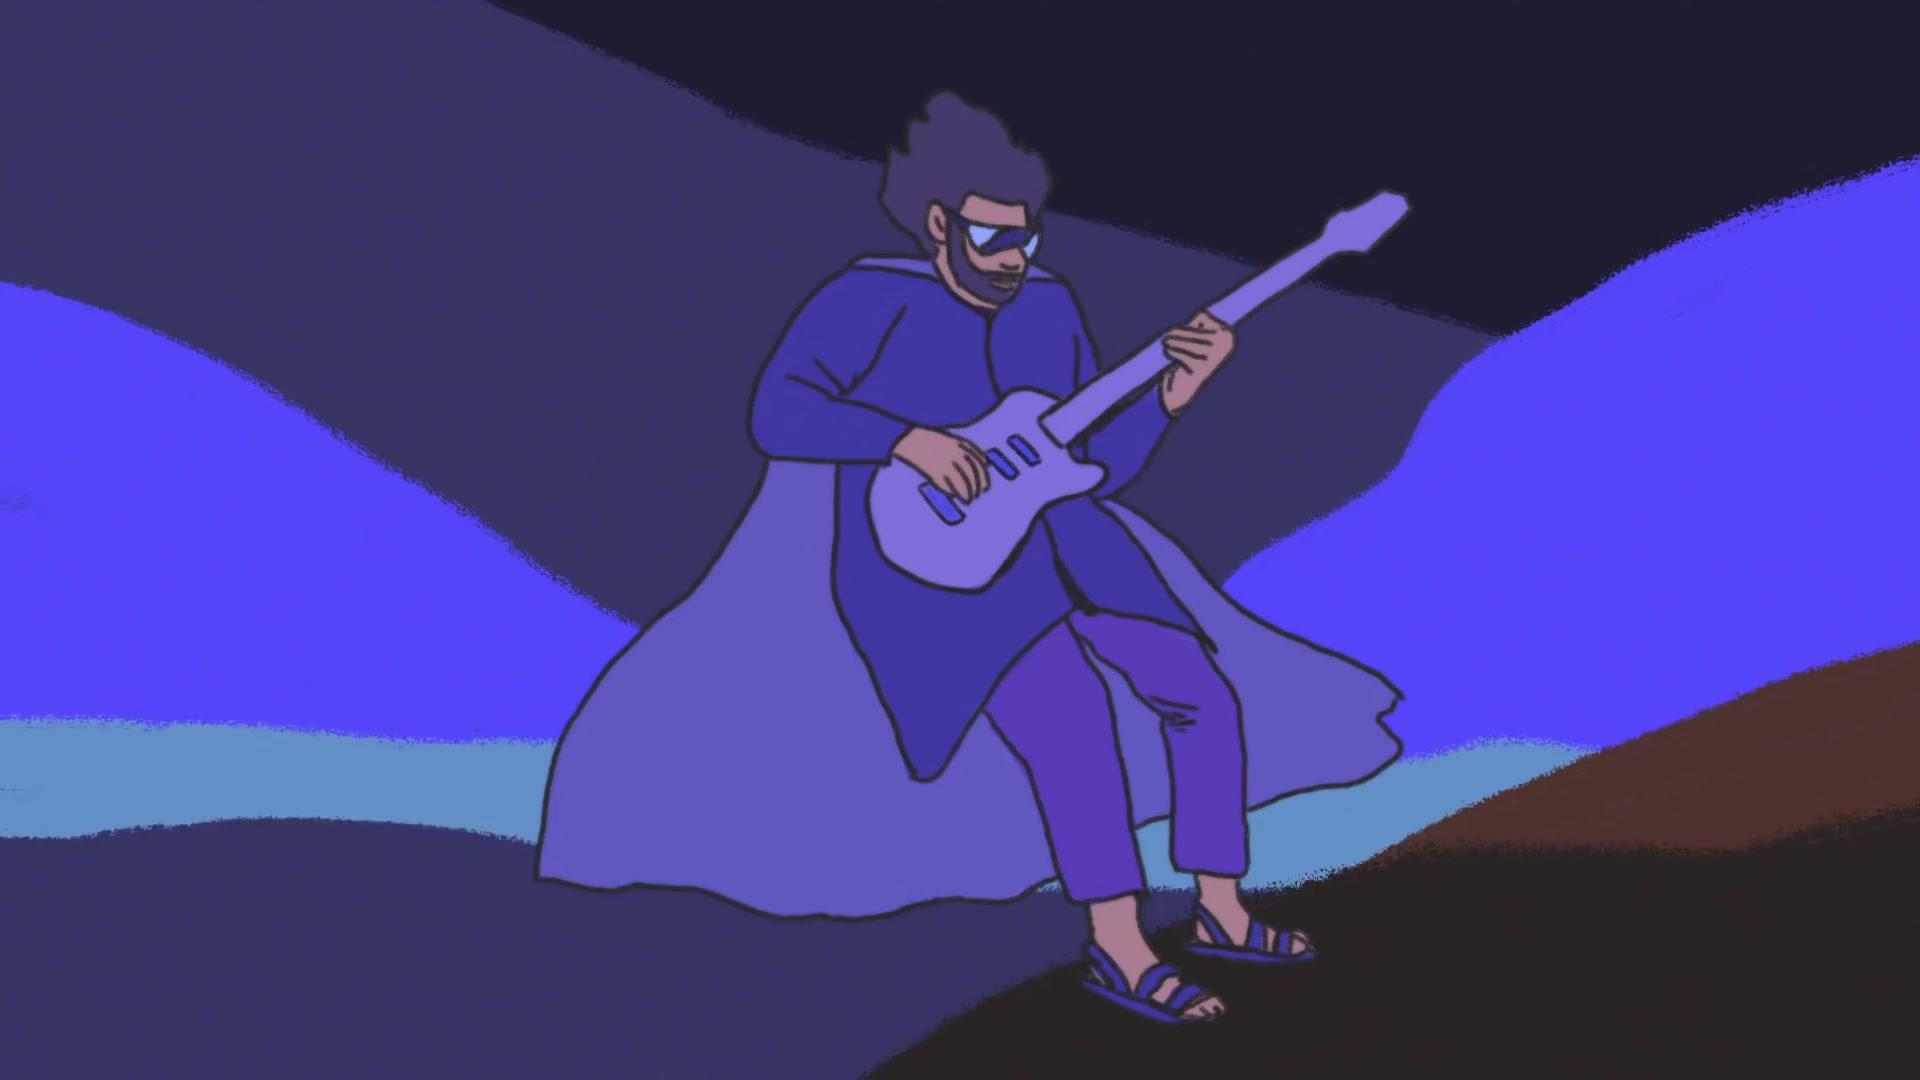 Song For The Dead - Thundercat